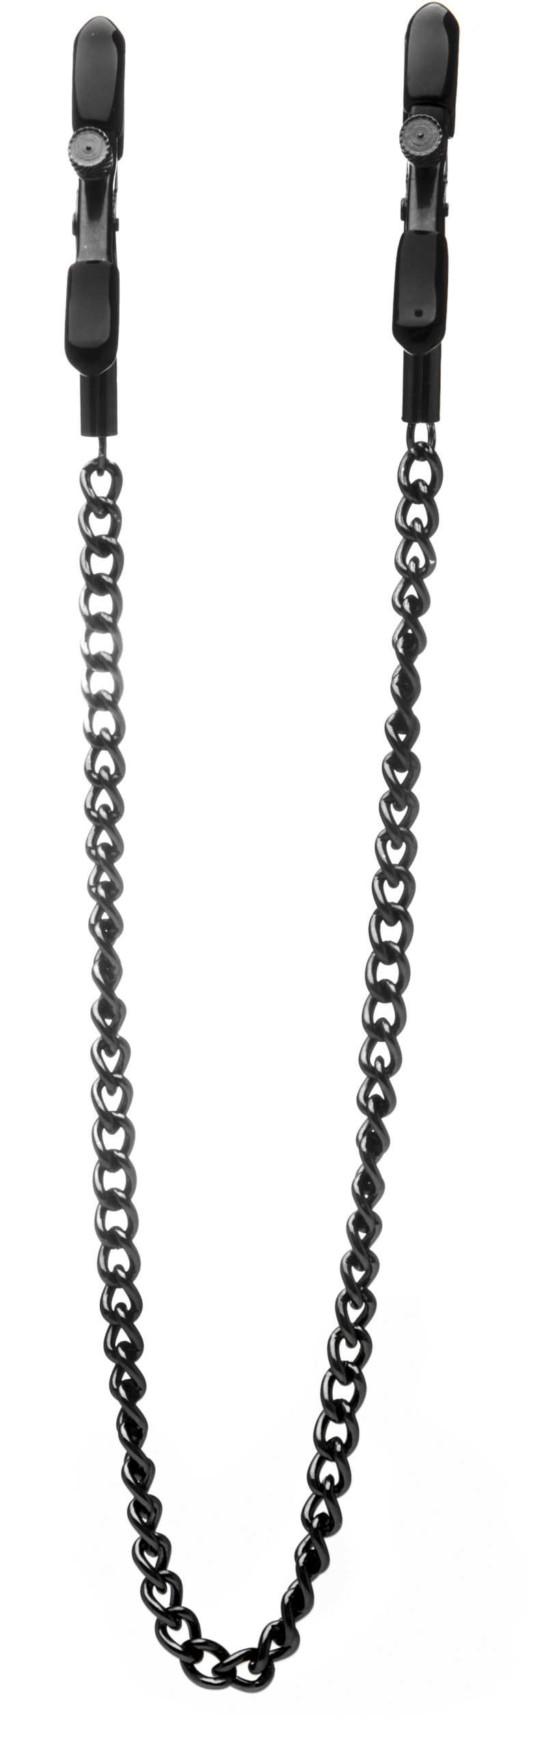 לוחצי פטמה עם שרשרת